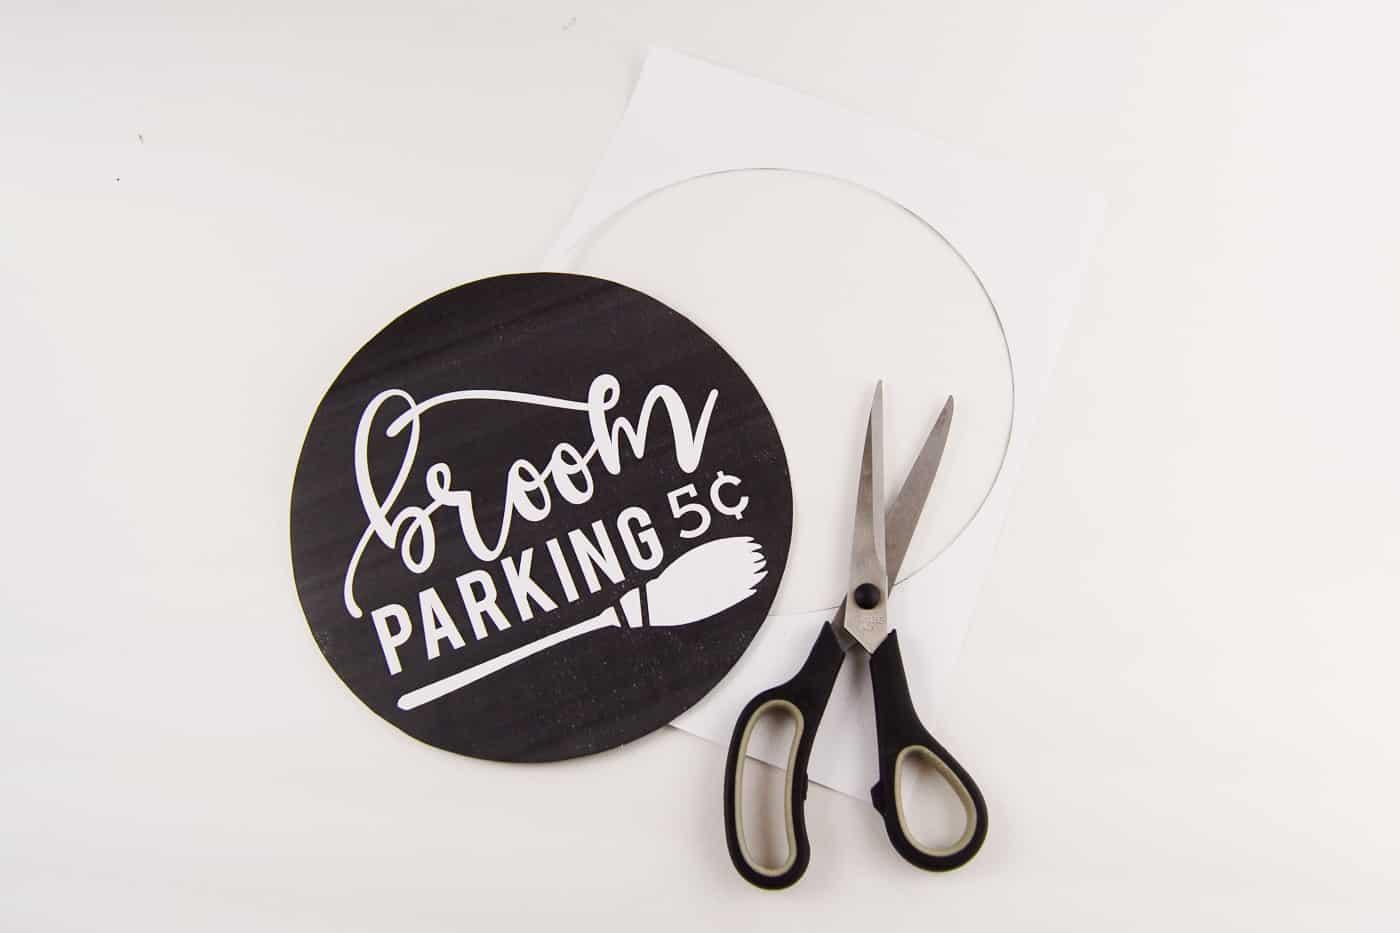 broom-parking-sign-5